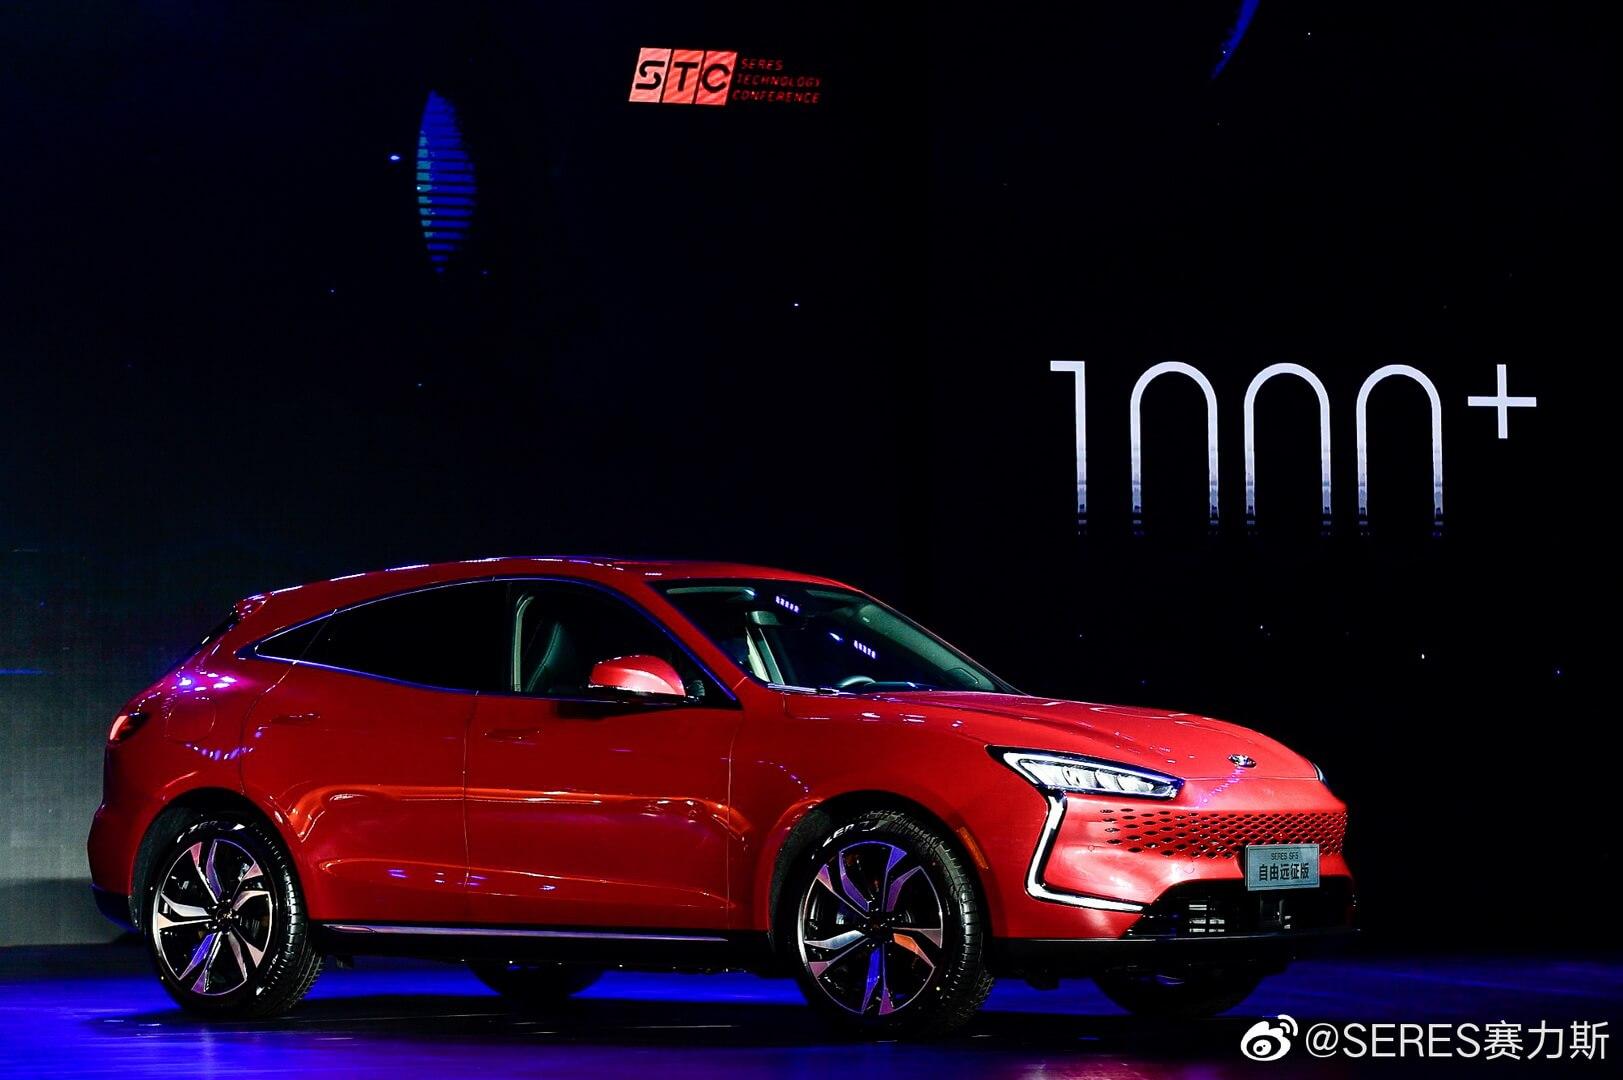 Представлен первый в мире серийный электромобиль на платформе Huawei с запасом хода более 1000 км